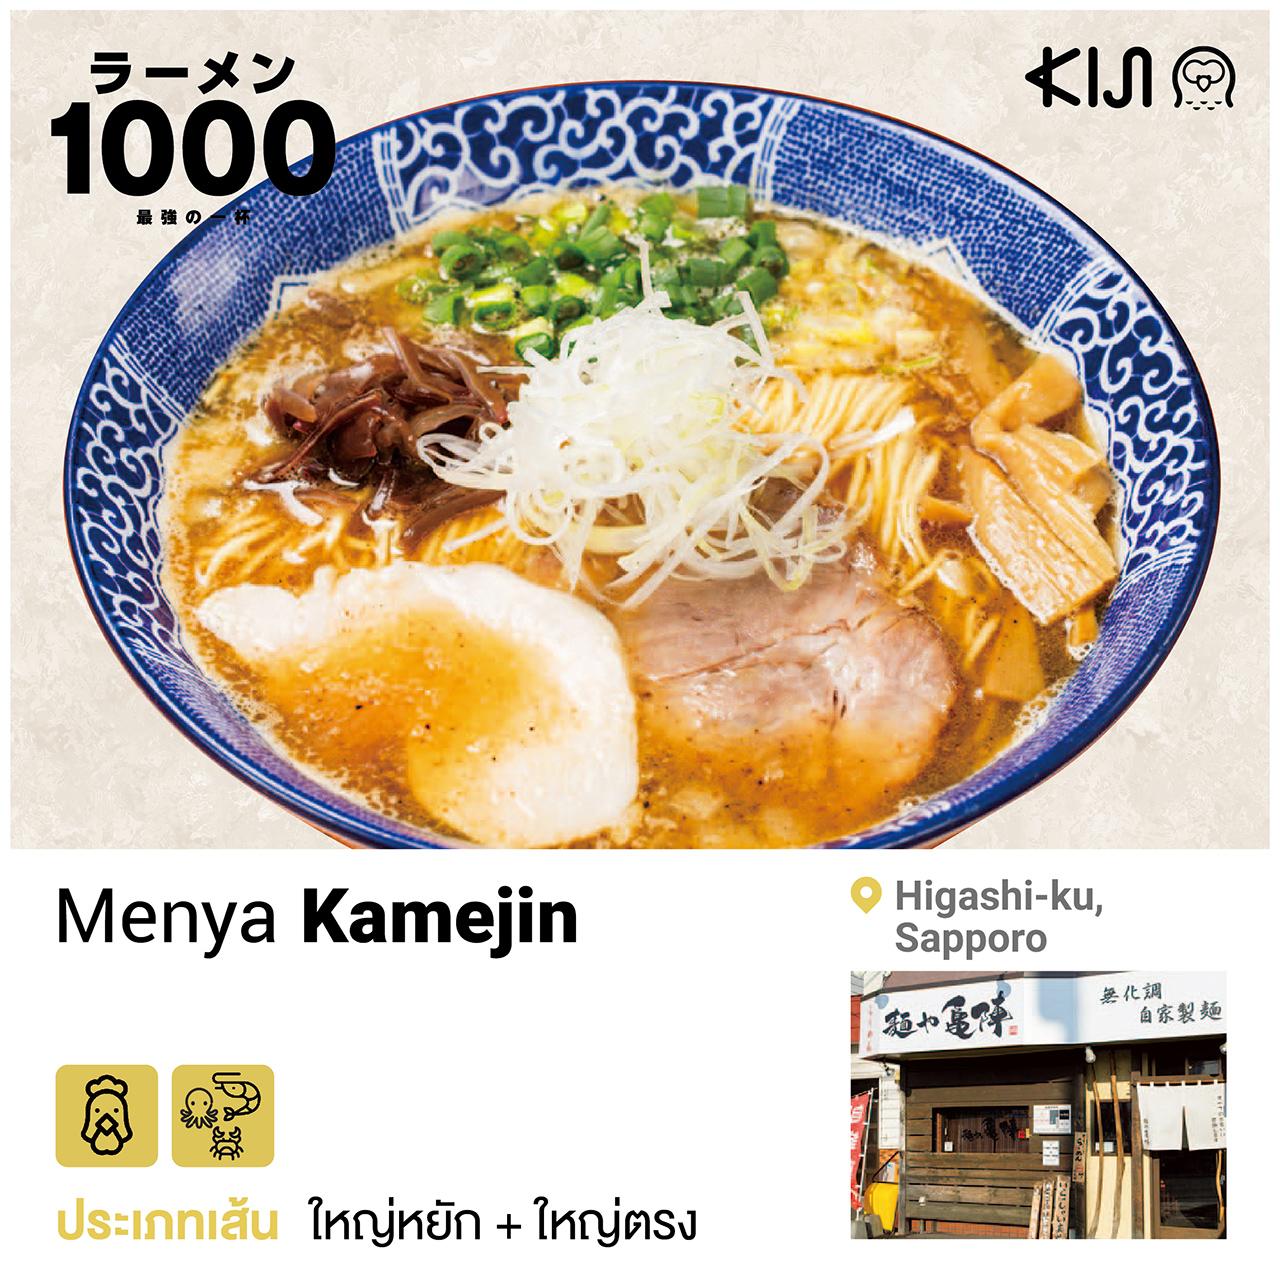 ร้านราเมน เขตฮิกาชิ เมืองซัปโปโร จ.ฮอกไกโด - Menya Kamejin